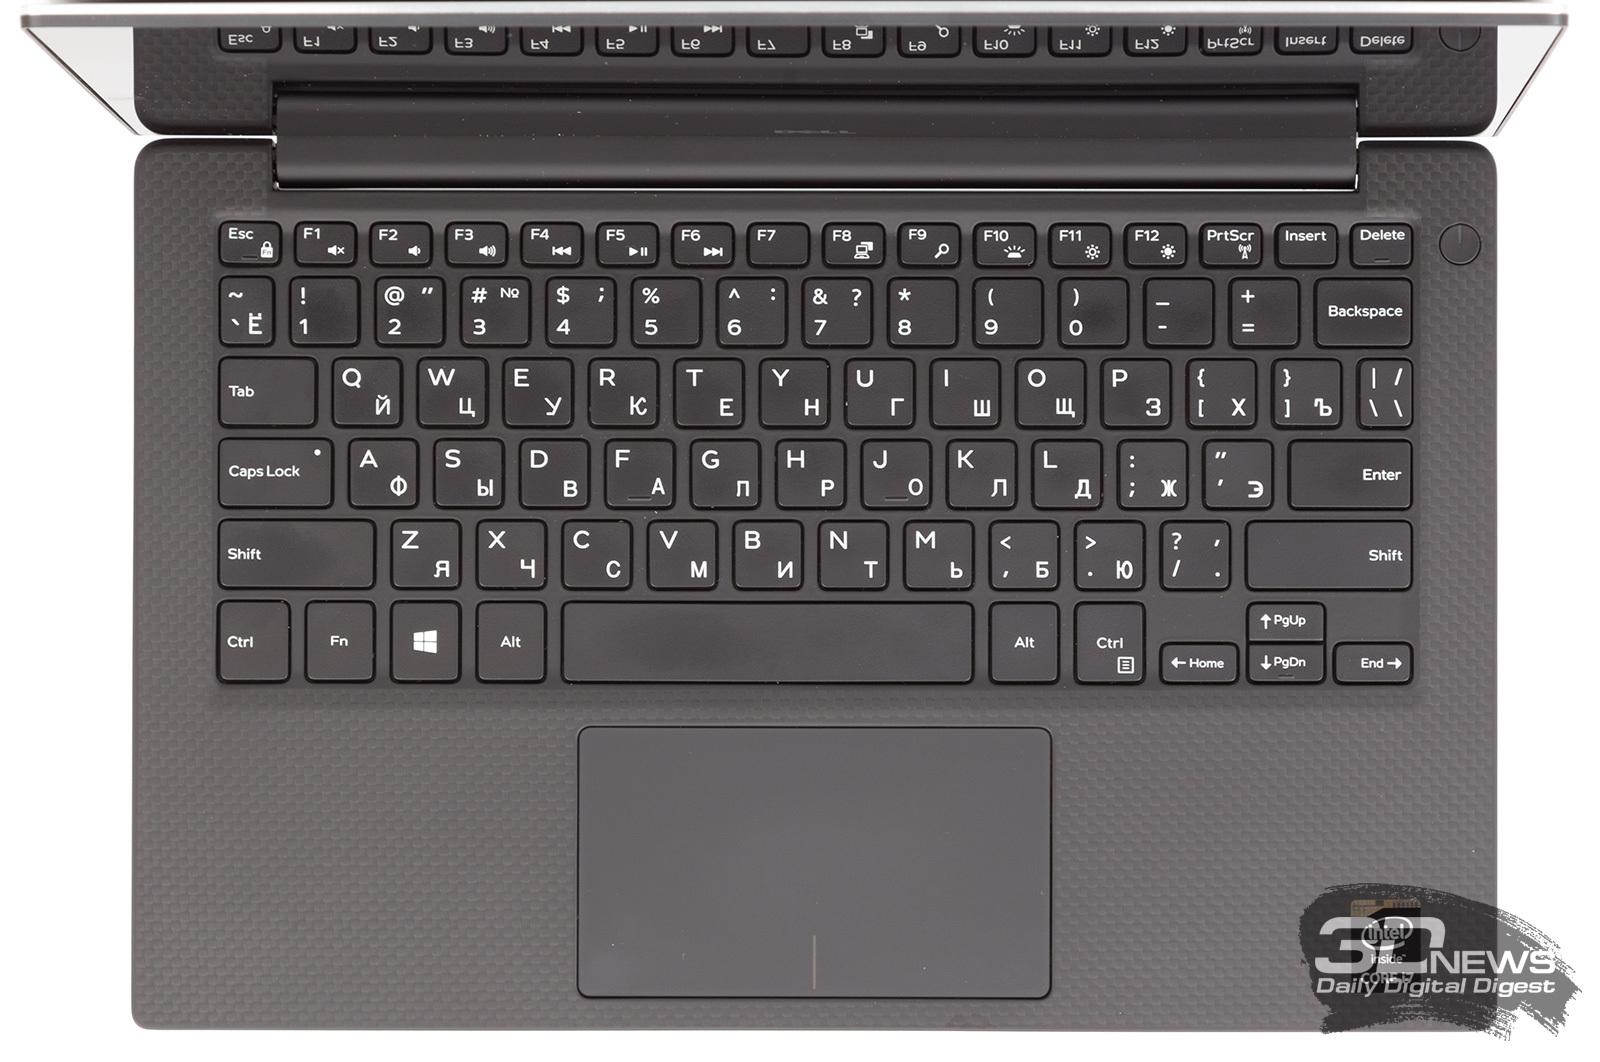 Ноутбук получился не только красивым ...: www.3dnews.ru/911875